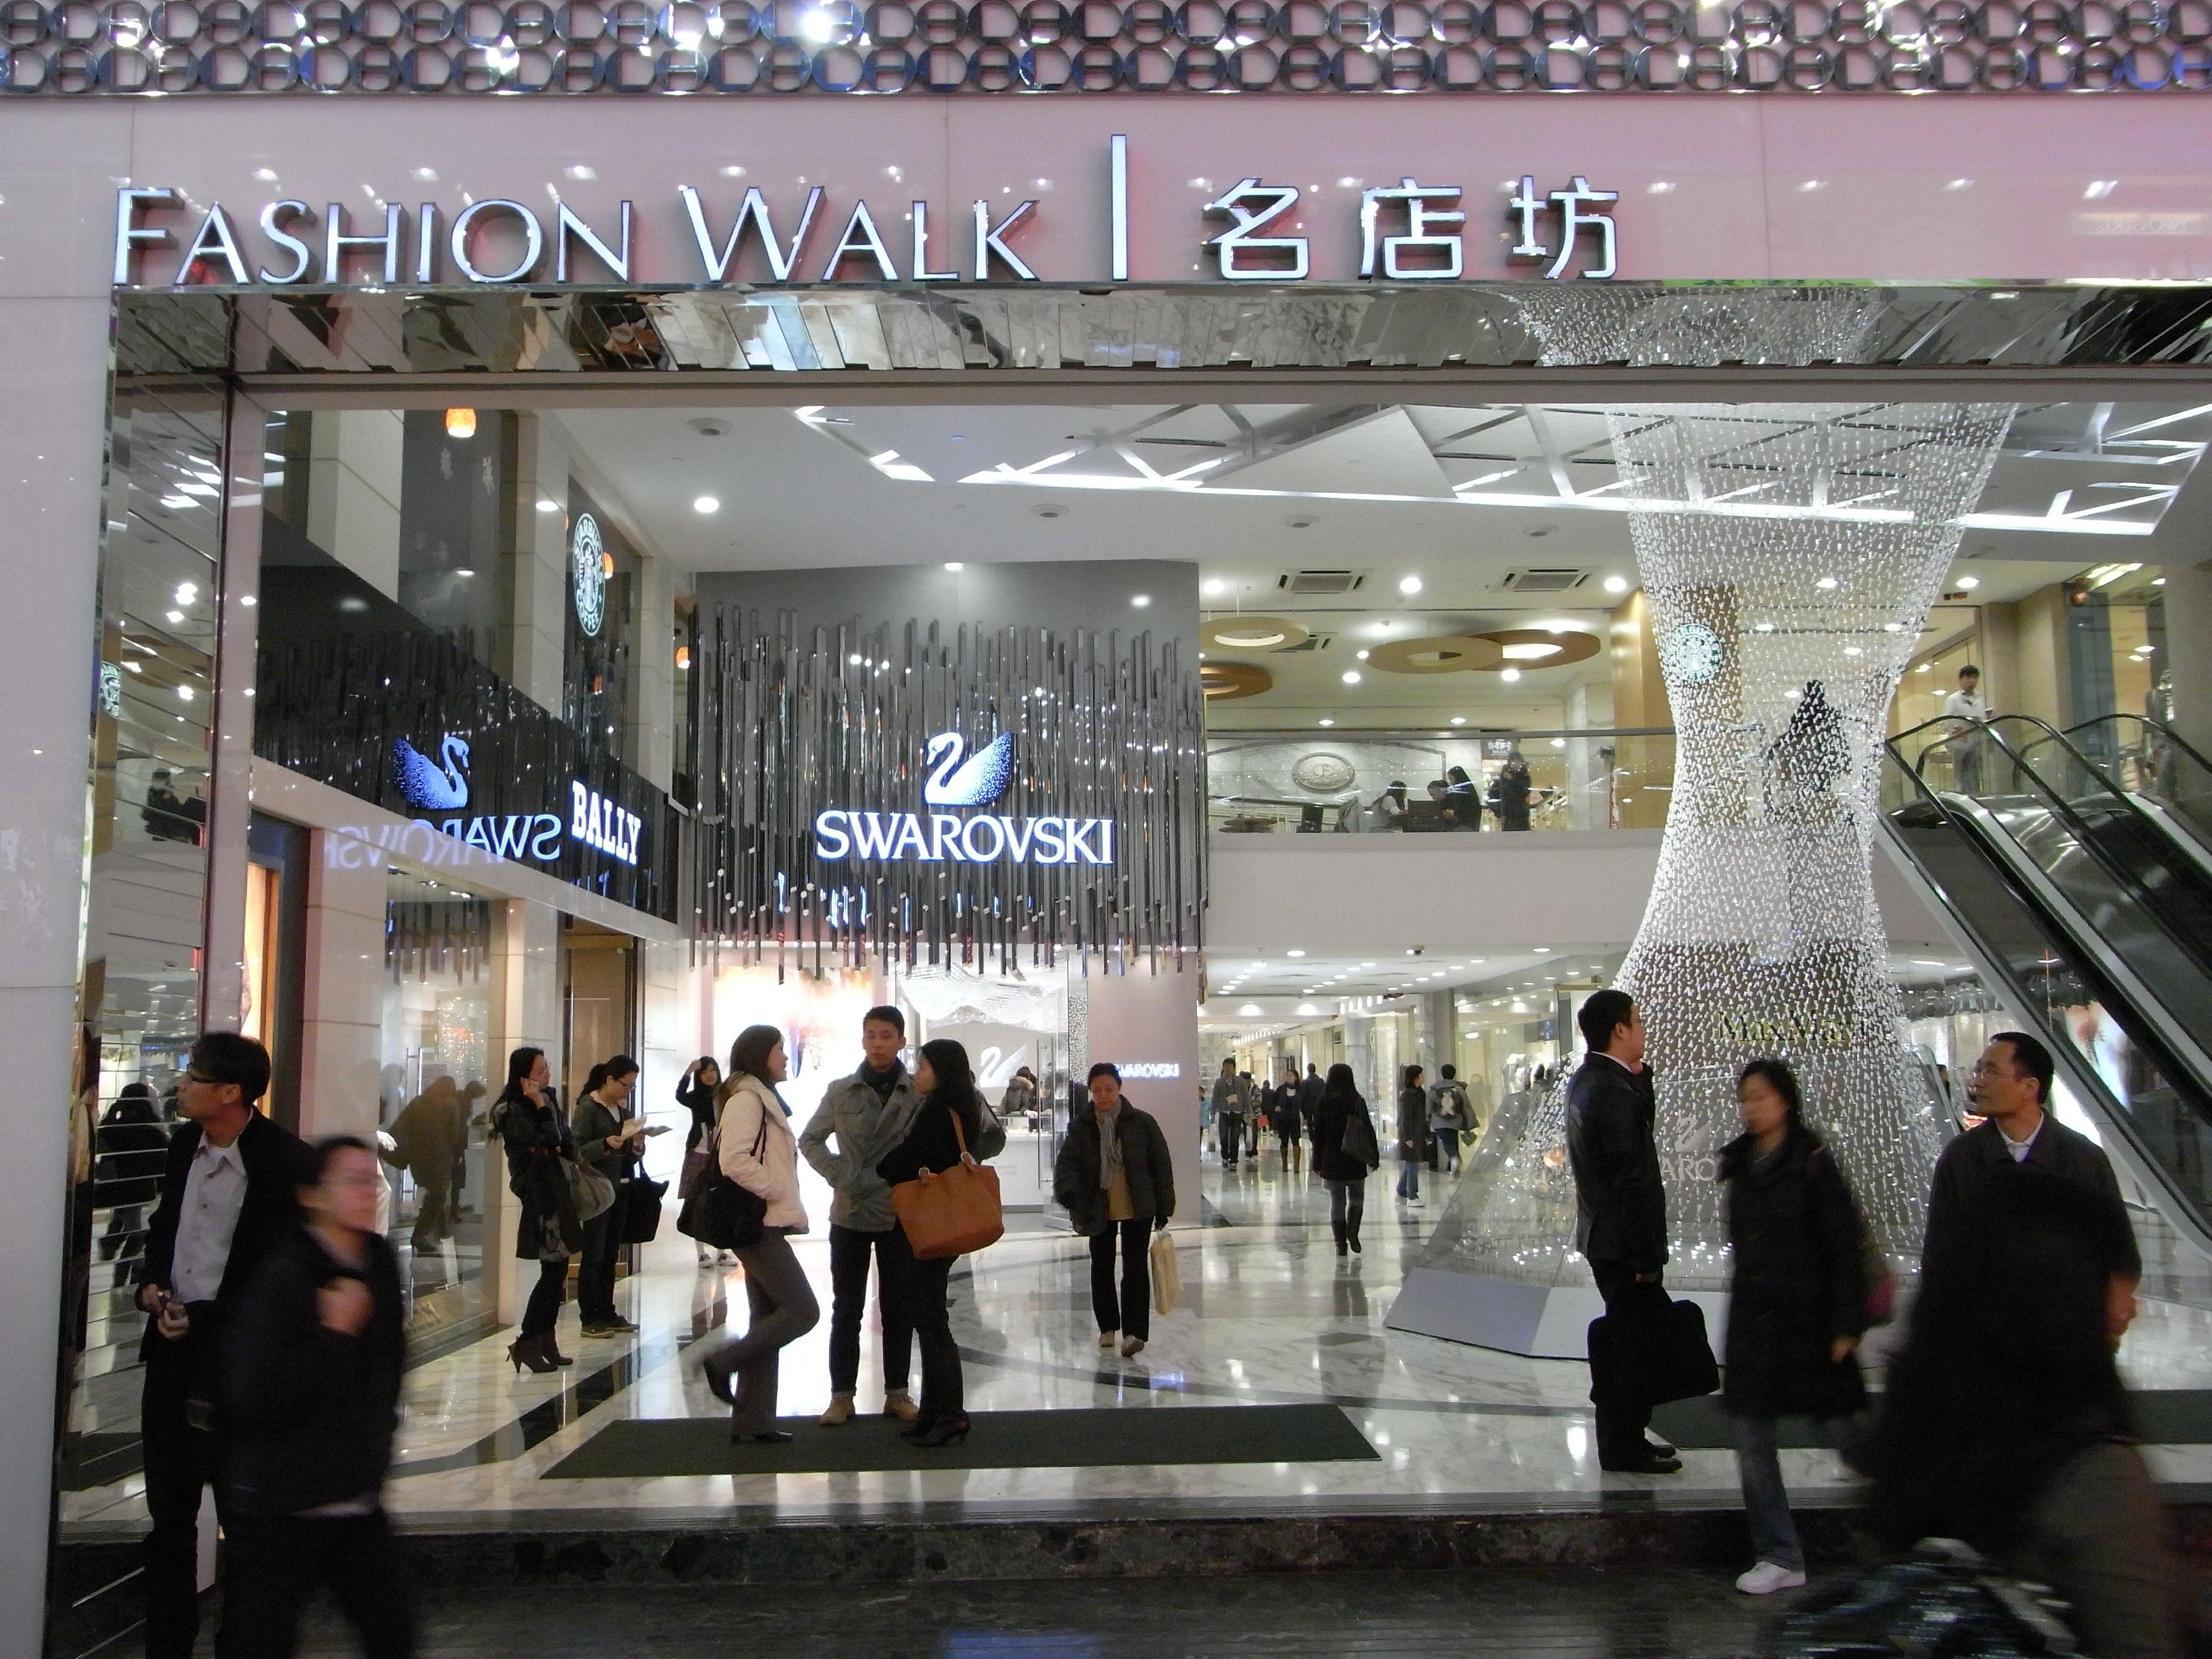 Fashion Square Mall Times